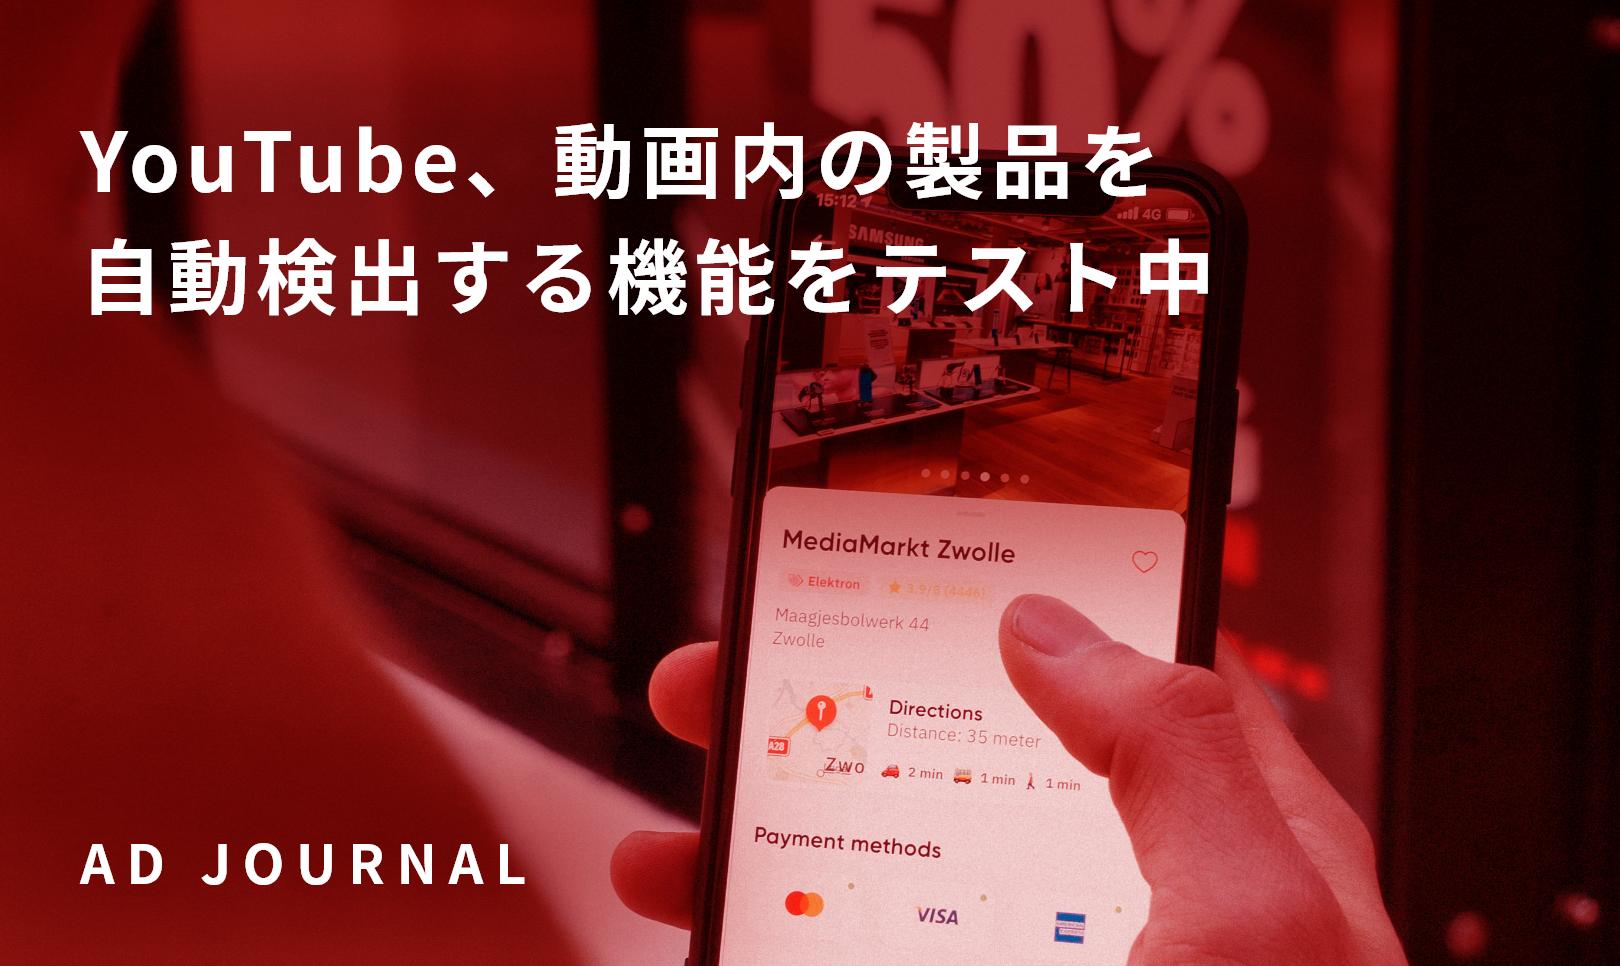 YouTube、動画内の製品を自動検出する機能をテスト中